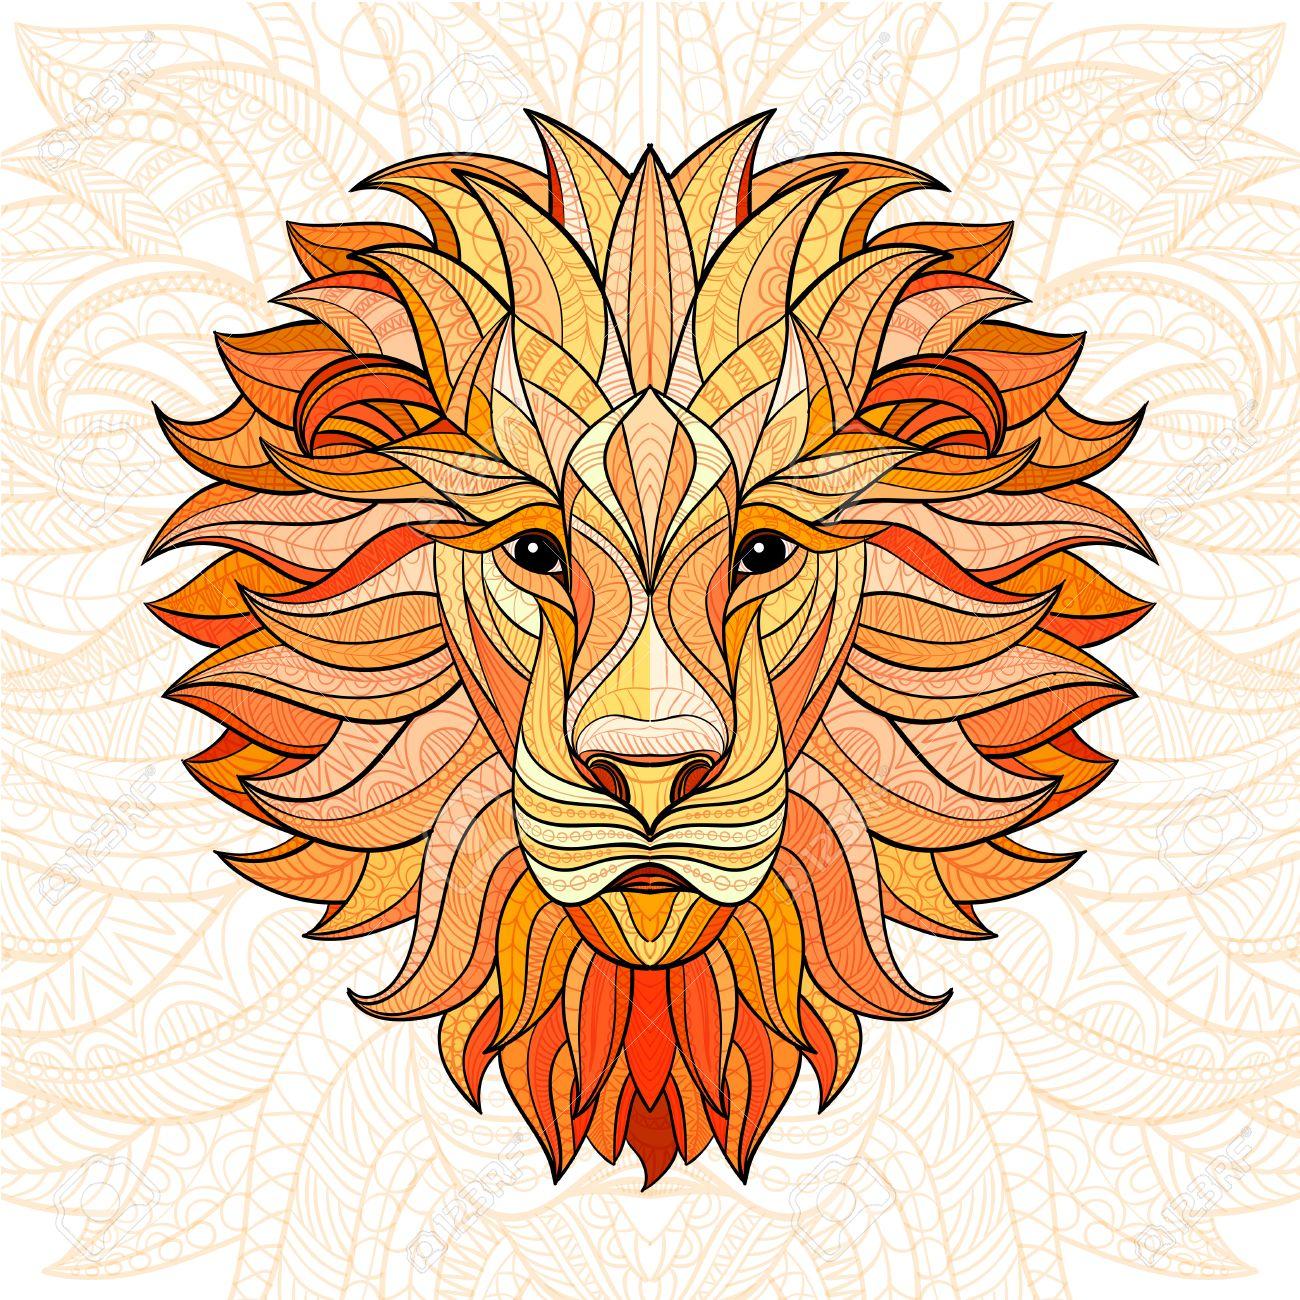 Lion Couleur Détaillée Dans Le Style Aztèque. Tête Modelée Du Lion Sur Fond  Isolé. Indien Conception Totem De Uage Africain. Vector Illustration. à Photo De Lion A Imprimer En Couleur